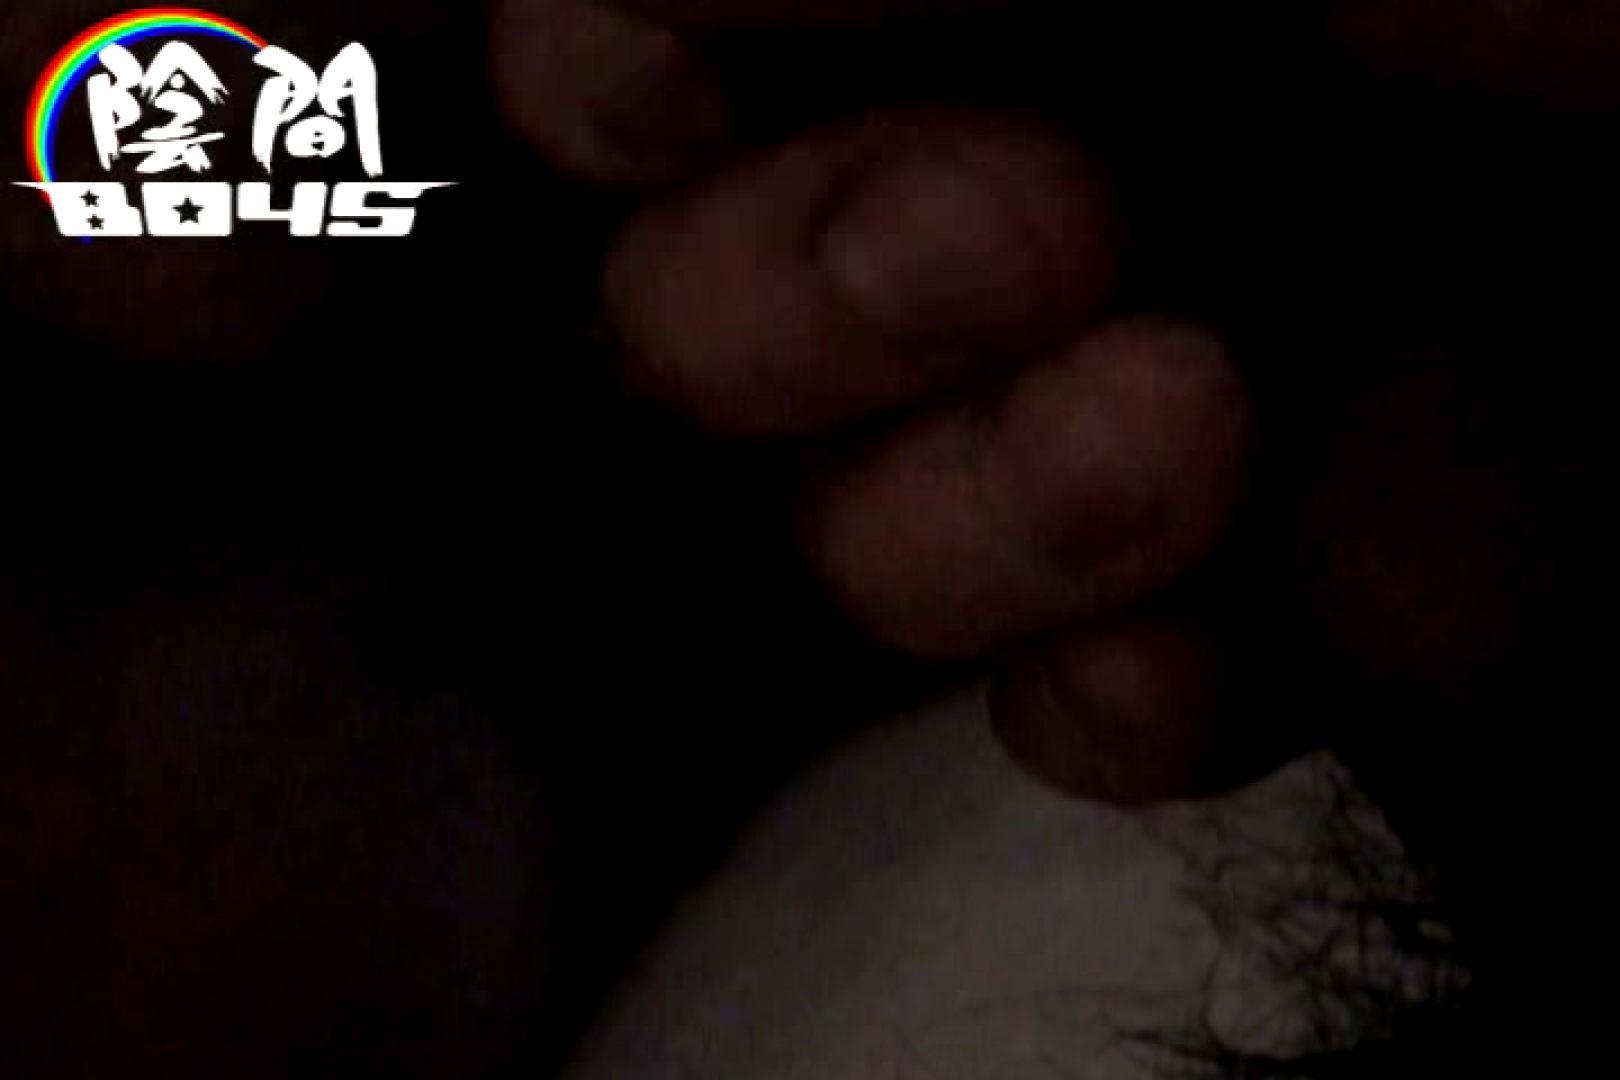 陰間BOYS~Mixed Hot-Guy~03 アナル責め ゲイ発射もろ画像 62枚 16